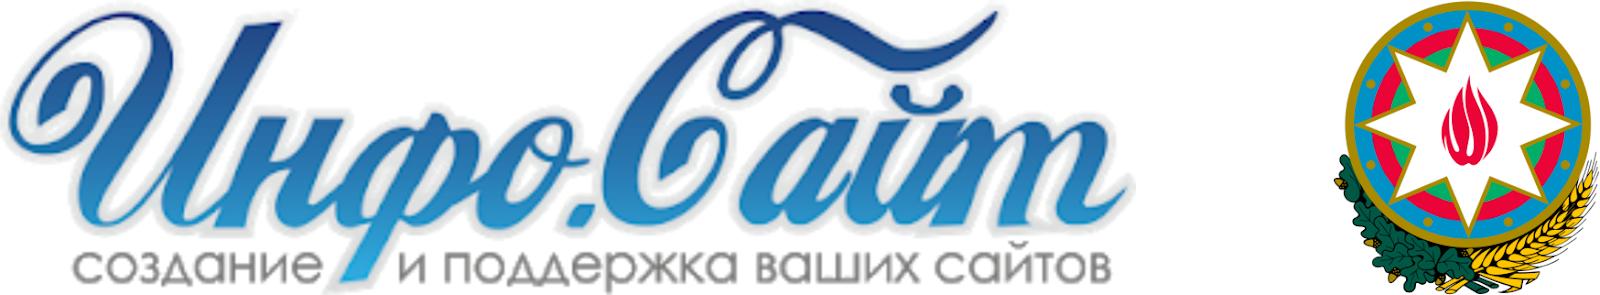 Азербайджан 🌍 Инфо-Сайт : Новости и объявления Республики Азербайджан